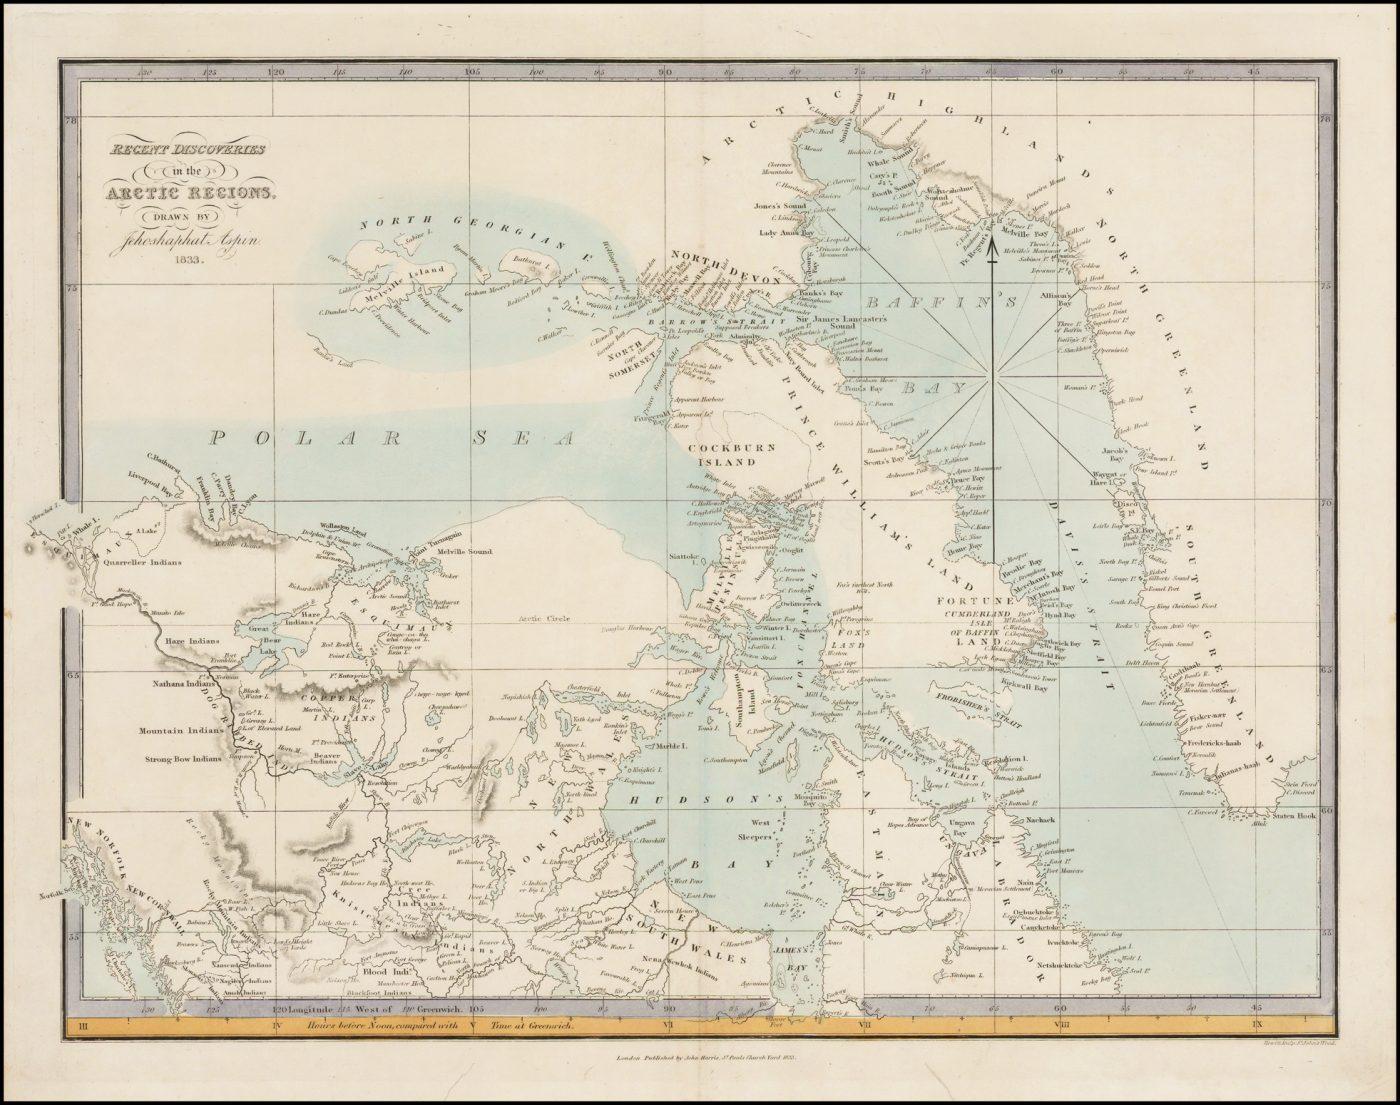 Недавние открытия в арктических регионах сделанные Иосафатом Аспином в 1833 г.